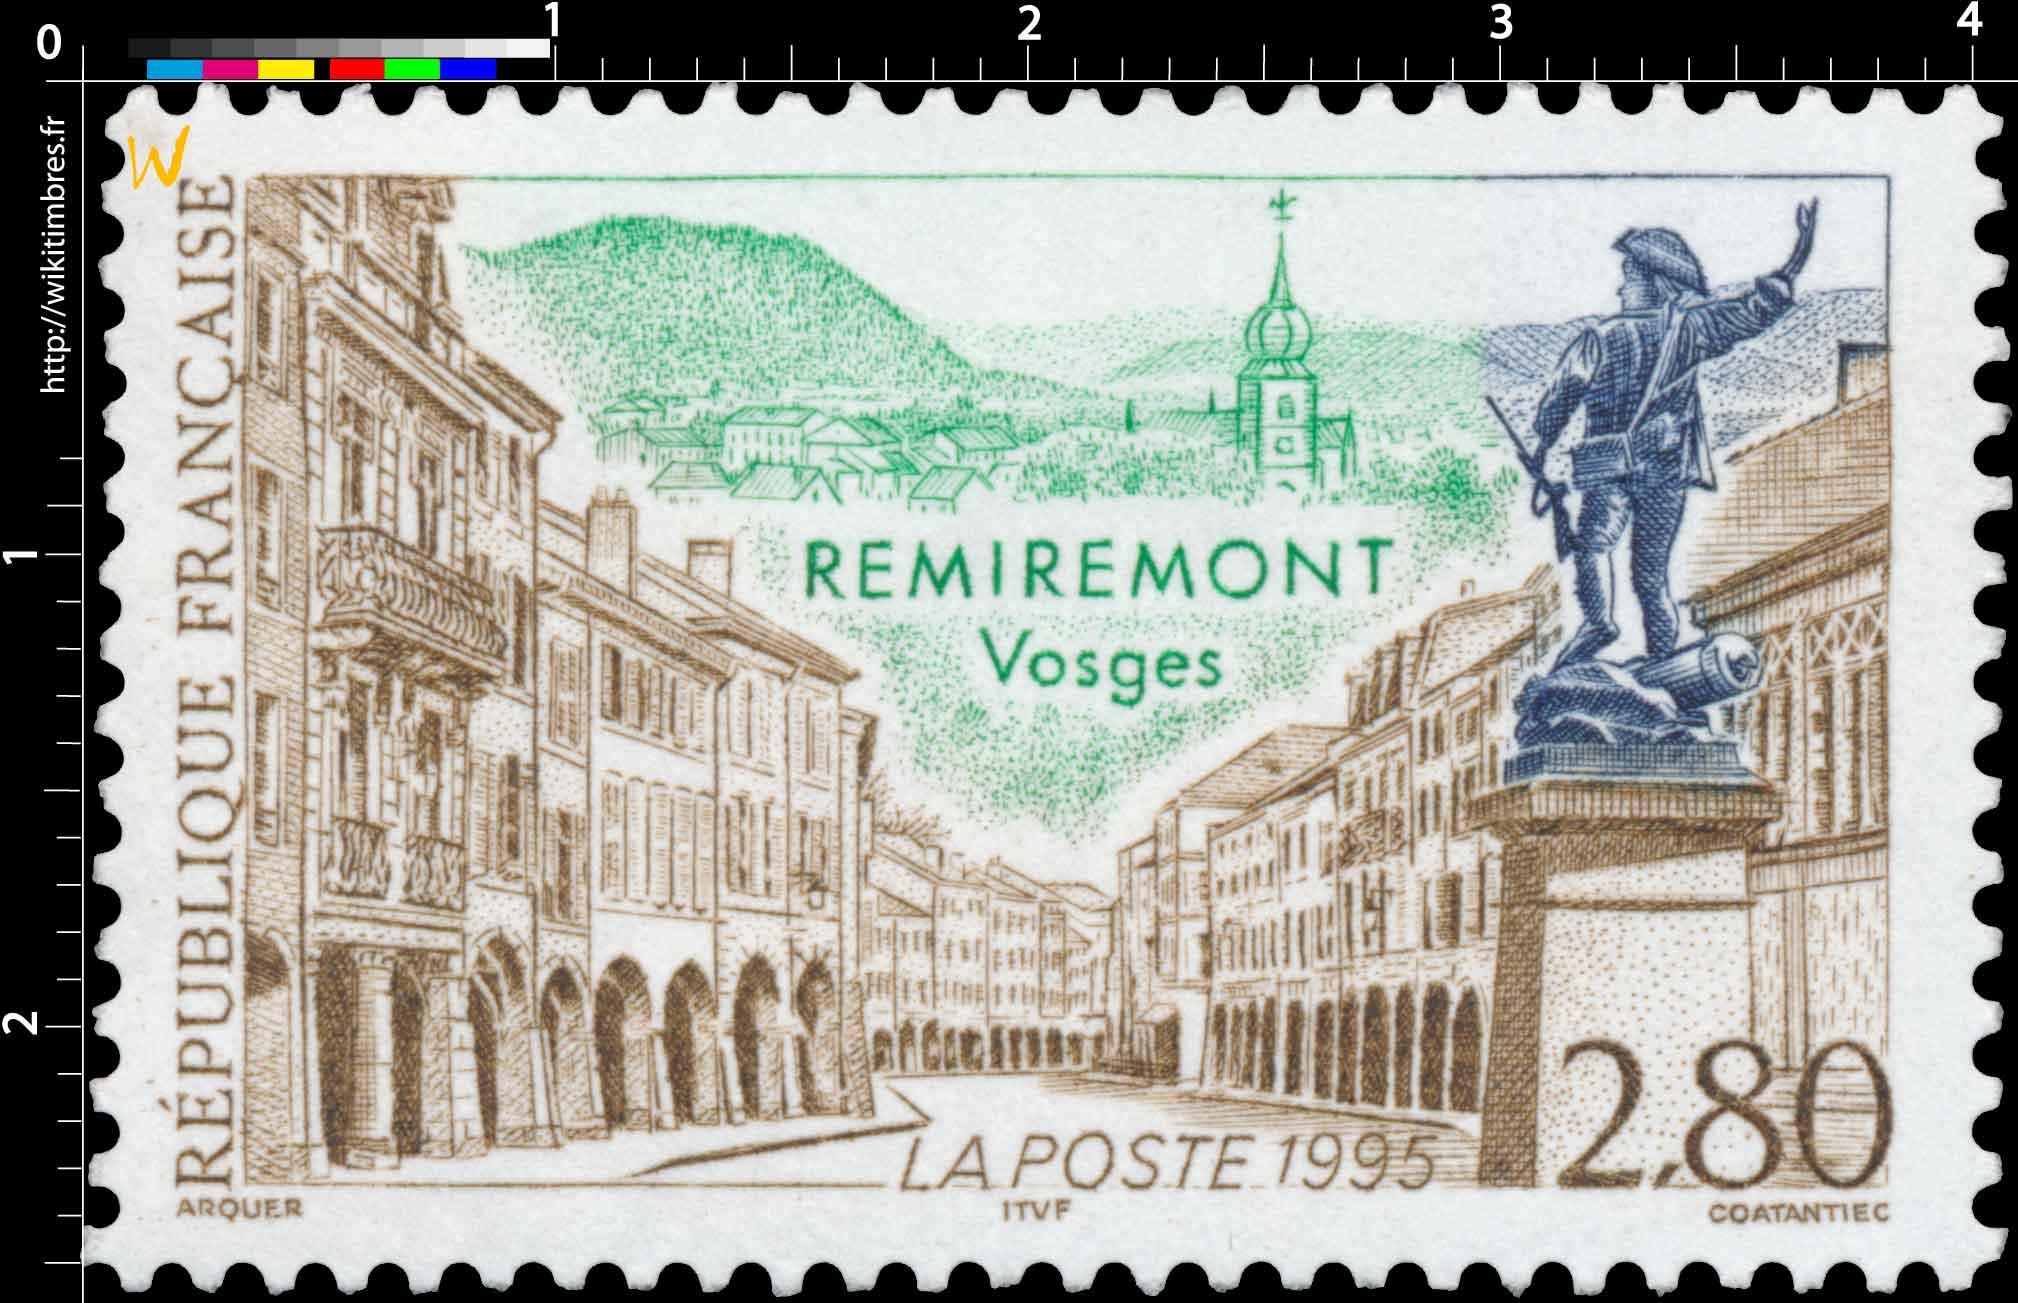 1995 REMIREMONT Vosges